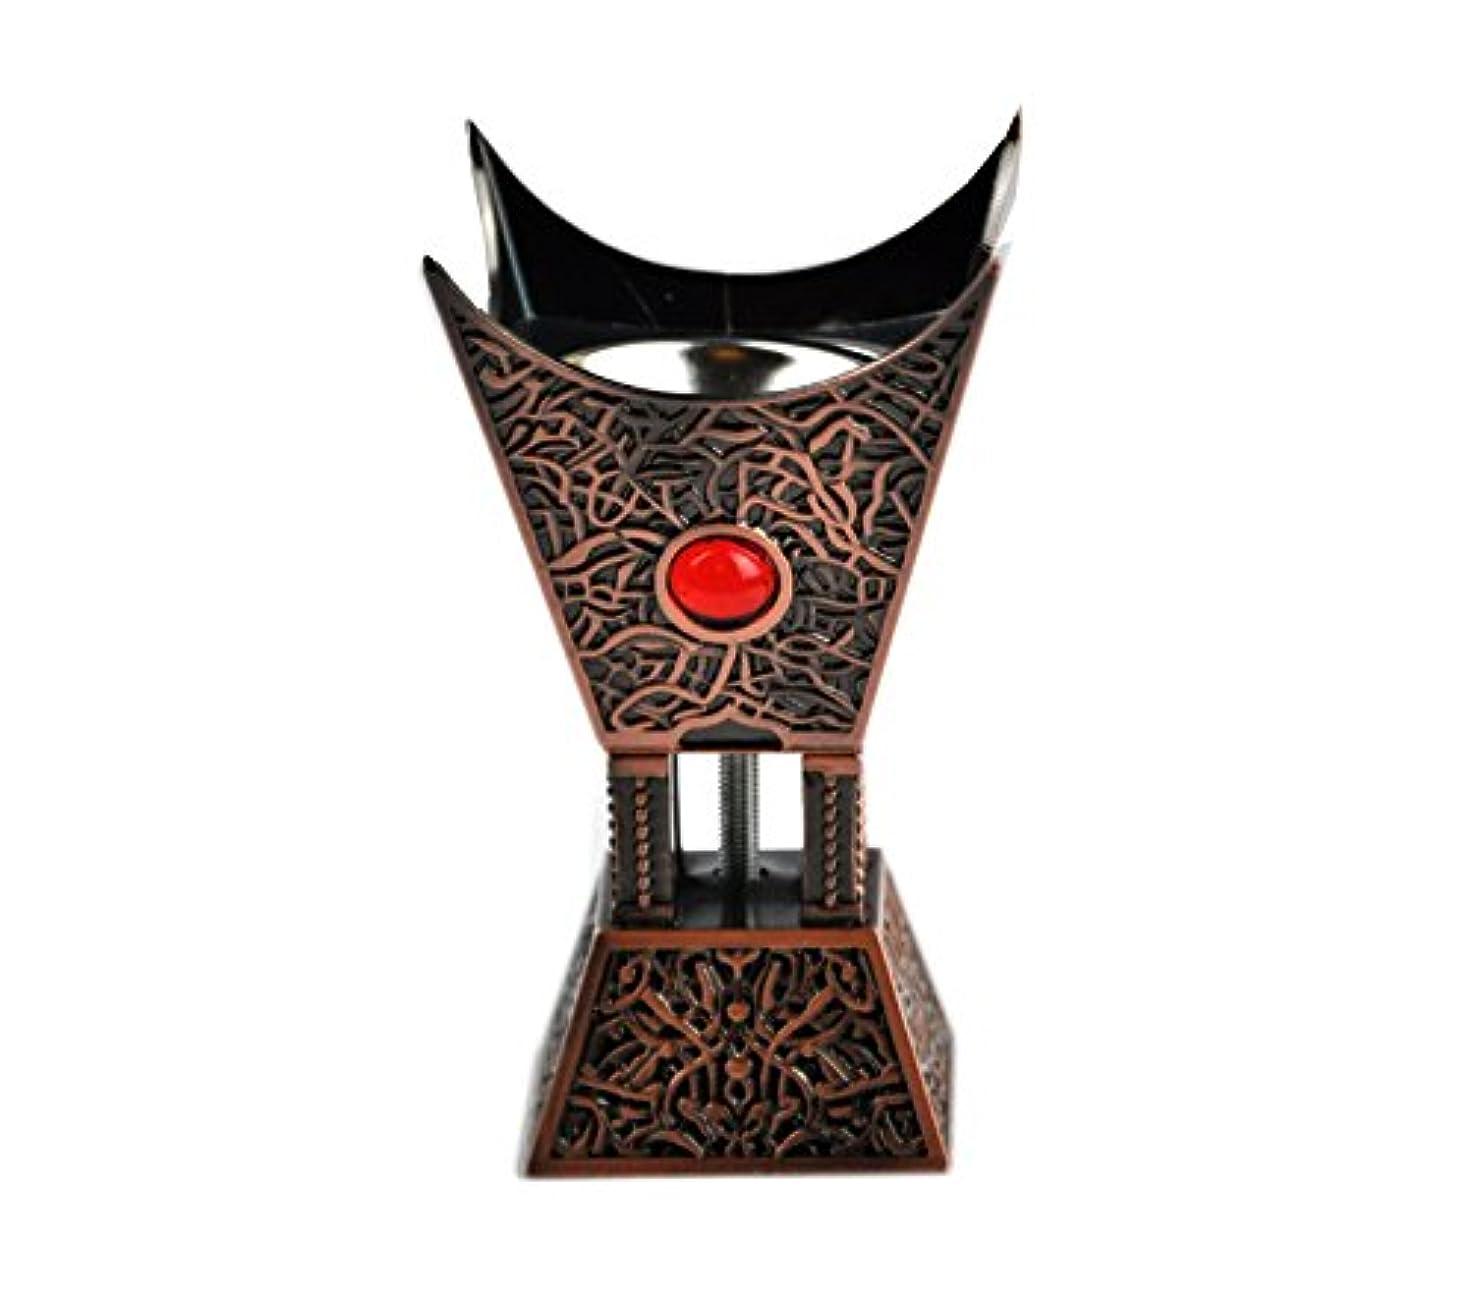 通り抜ける割れ目危険なArabia Incense / bakhoor Burner ( Mabkhara ) – Oud Burner、ブロンズ、トレイInside – USA Seller